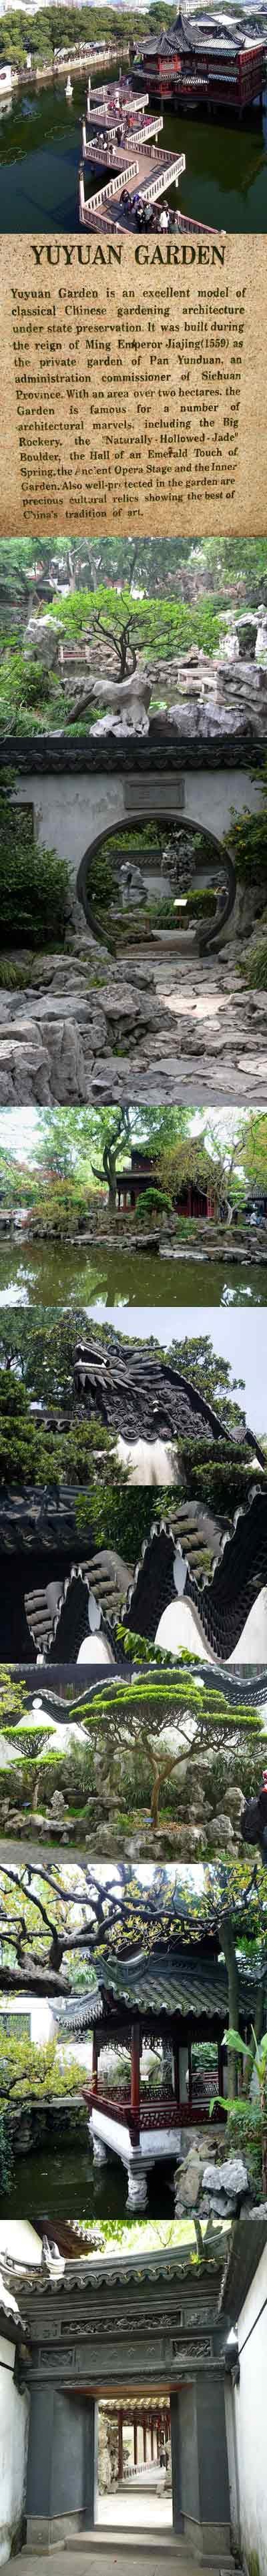 251 best china travel images on pinterest china travel